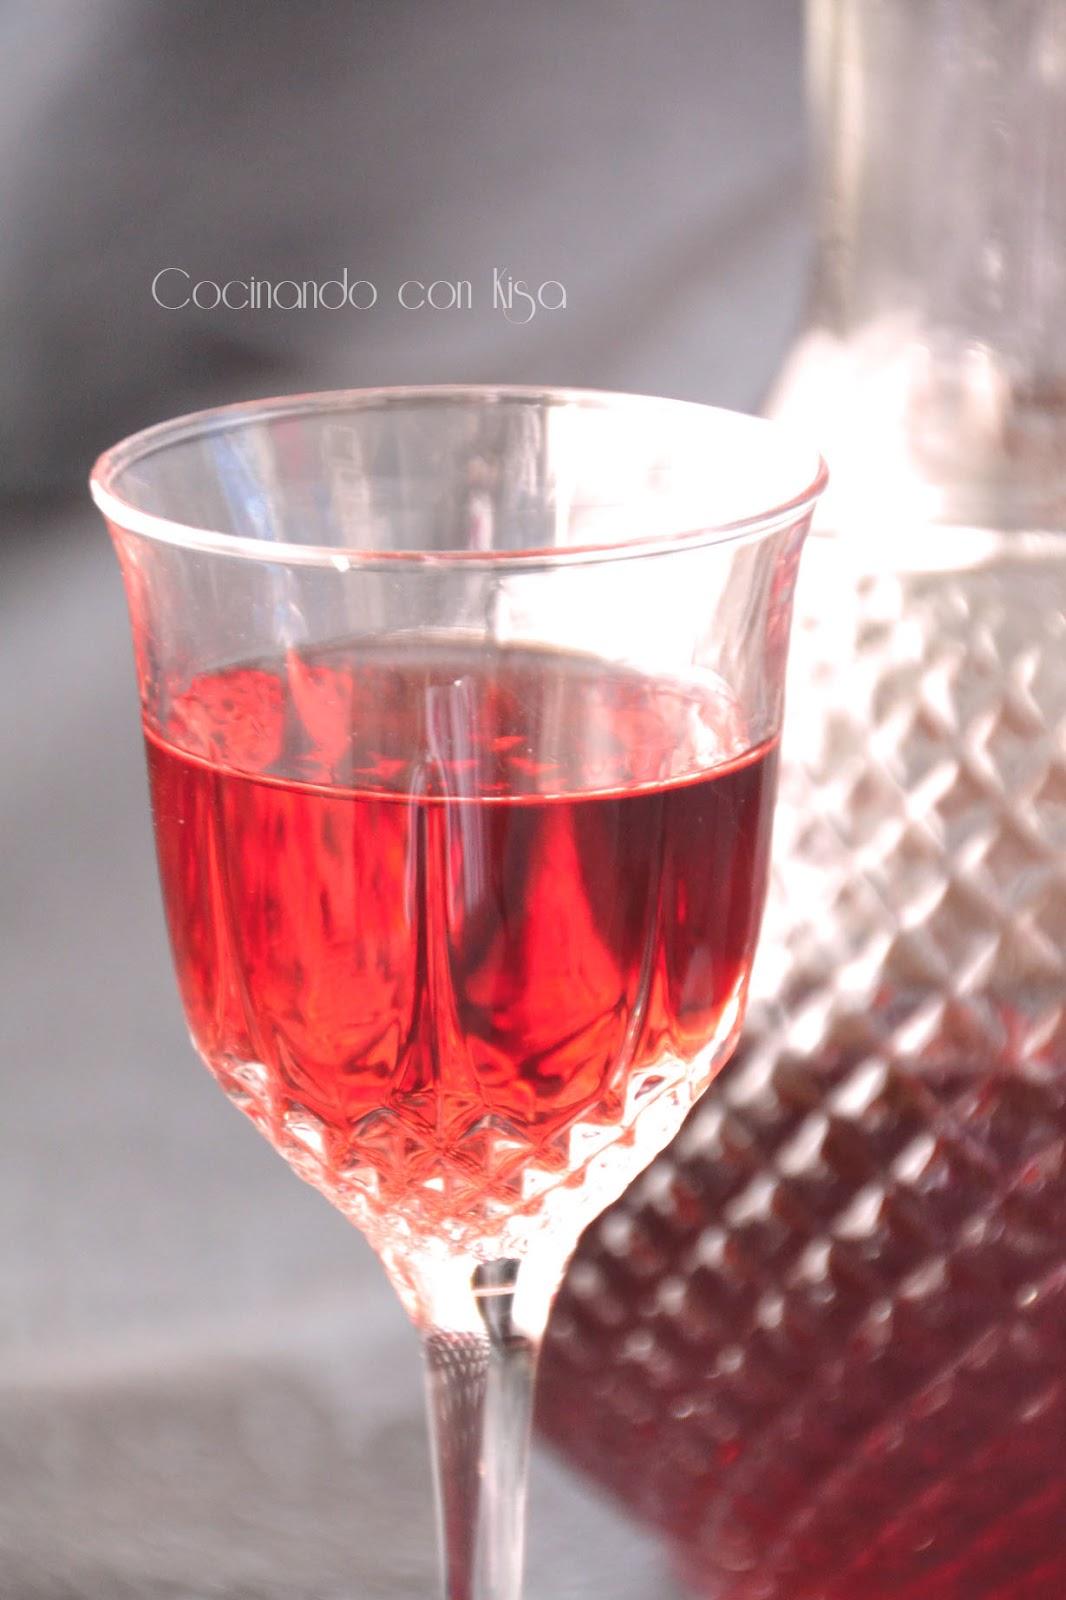 Cocinando con kisa licor de fresas forma tradicional for Cocinando con kisa